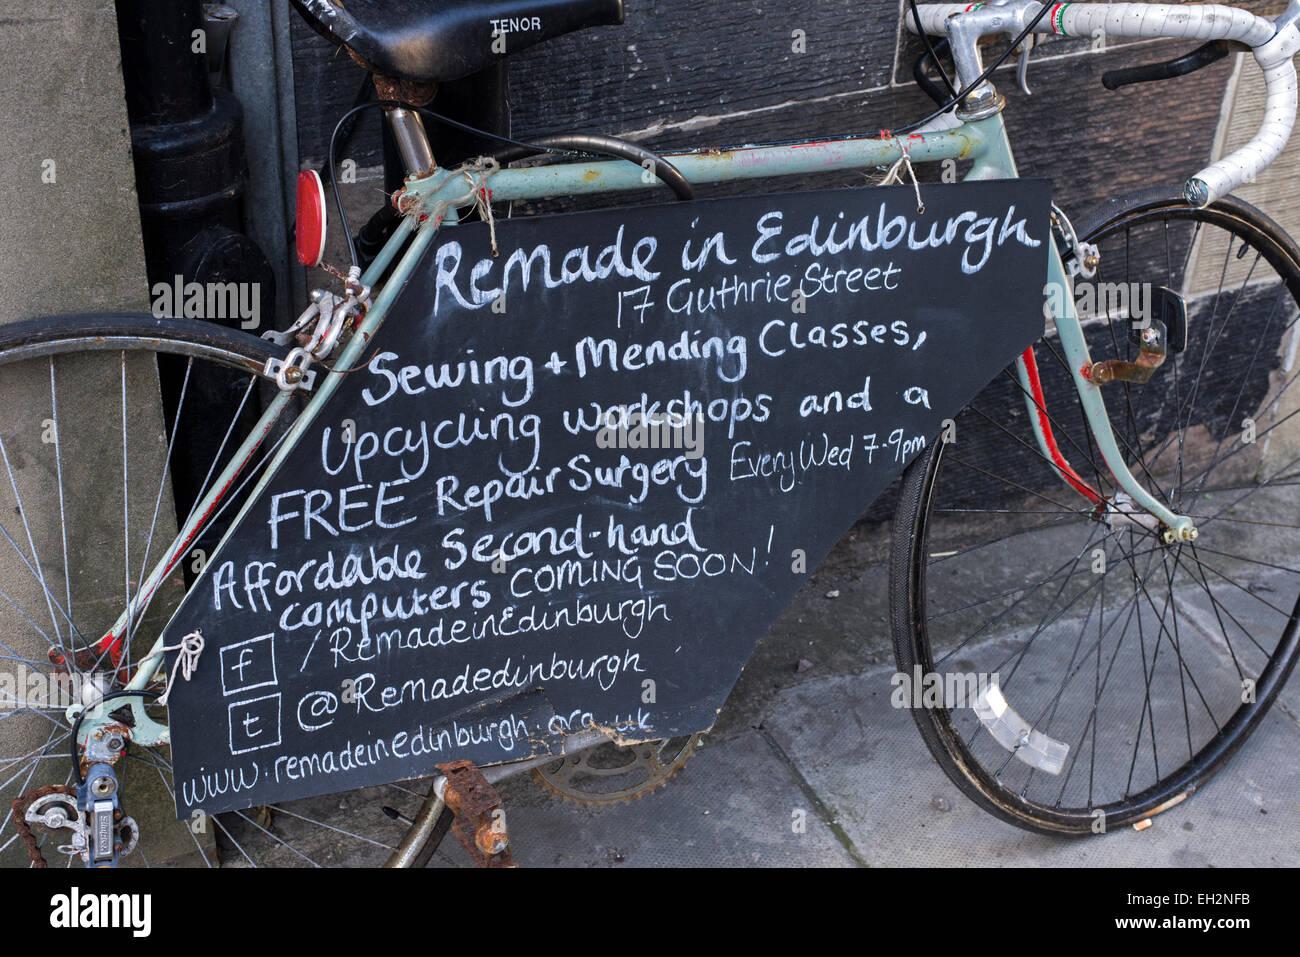 Wunderschön Upcycling Fahrrad Das Beste Von Ein Wird Verwendet, Um Ein Und Recycling-service